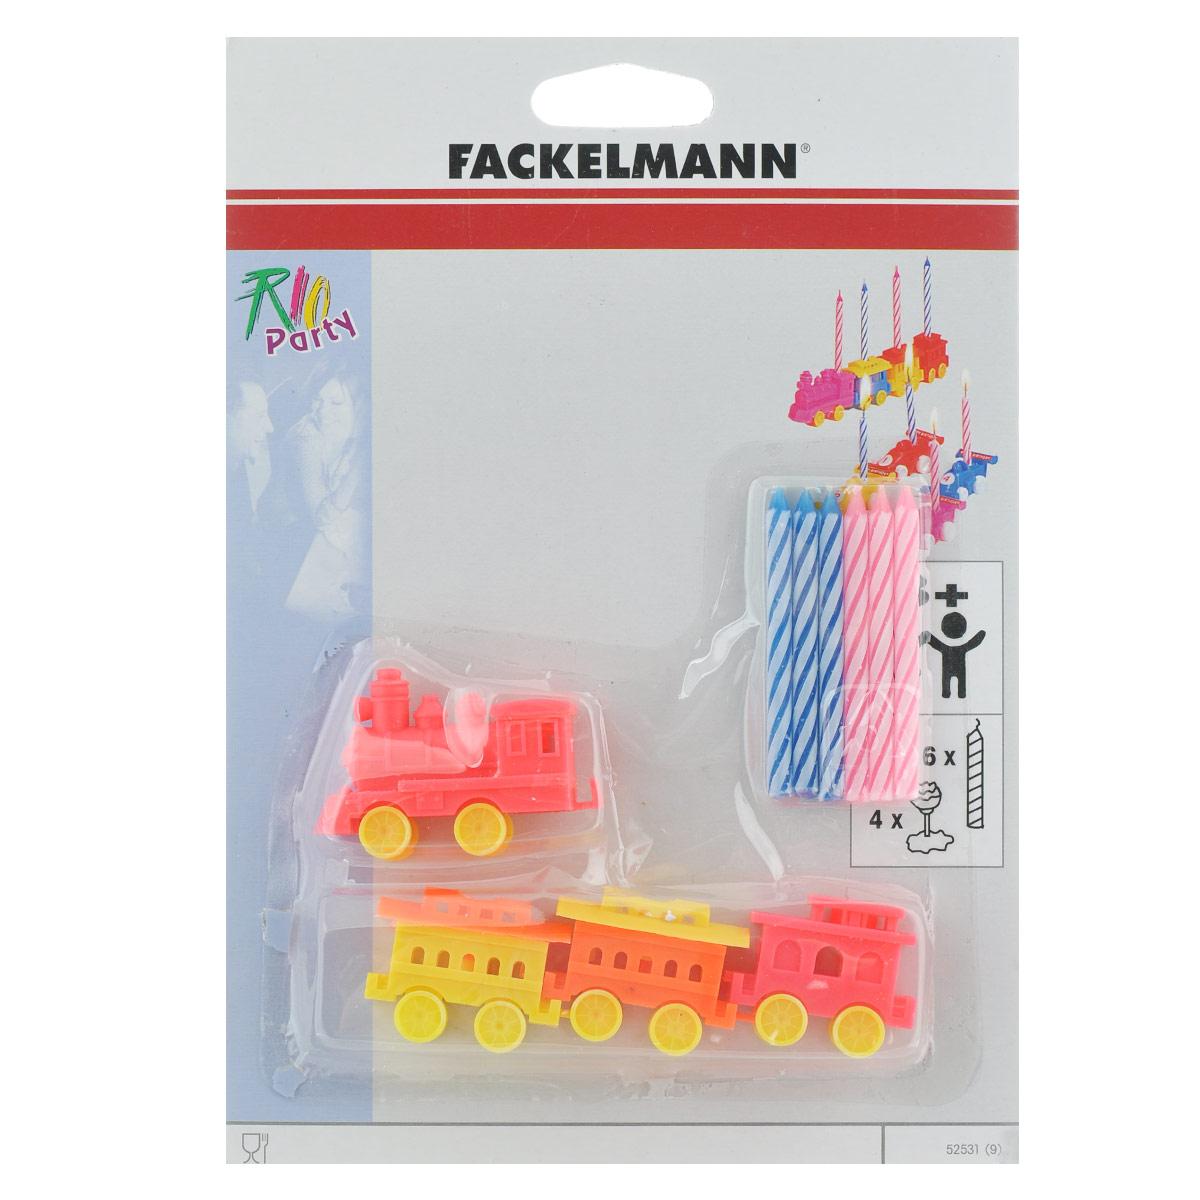 Свечи для торта Fackelmann Rio, с 4 подставками, 6 шт. 5253152531_поездСвечи для торта Fackelmann Rio выполнены из стеарина. Такие свечи предназначены для украшения торта, полностью сгорают за 10 минут. В комплекте - 4 подставки для свечей, изготовленных из пластика в виде паровозика с вагонами. Вставив такие свечи не просто в праздничный торт, а поместив их на подставки, вы доставите яркие эмоции и радость маленькому имениннику. Количество свечей: 6 шт. Количество подставок: 4 шт. Средний размер подставки: 1,6 см х 3,5 см х 1,6 см. Длина свечи: 6,2 см.